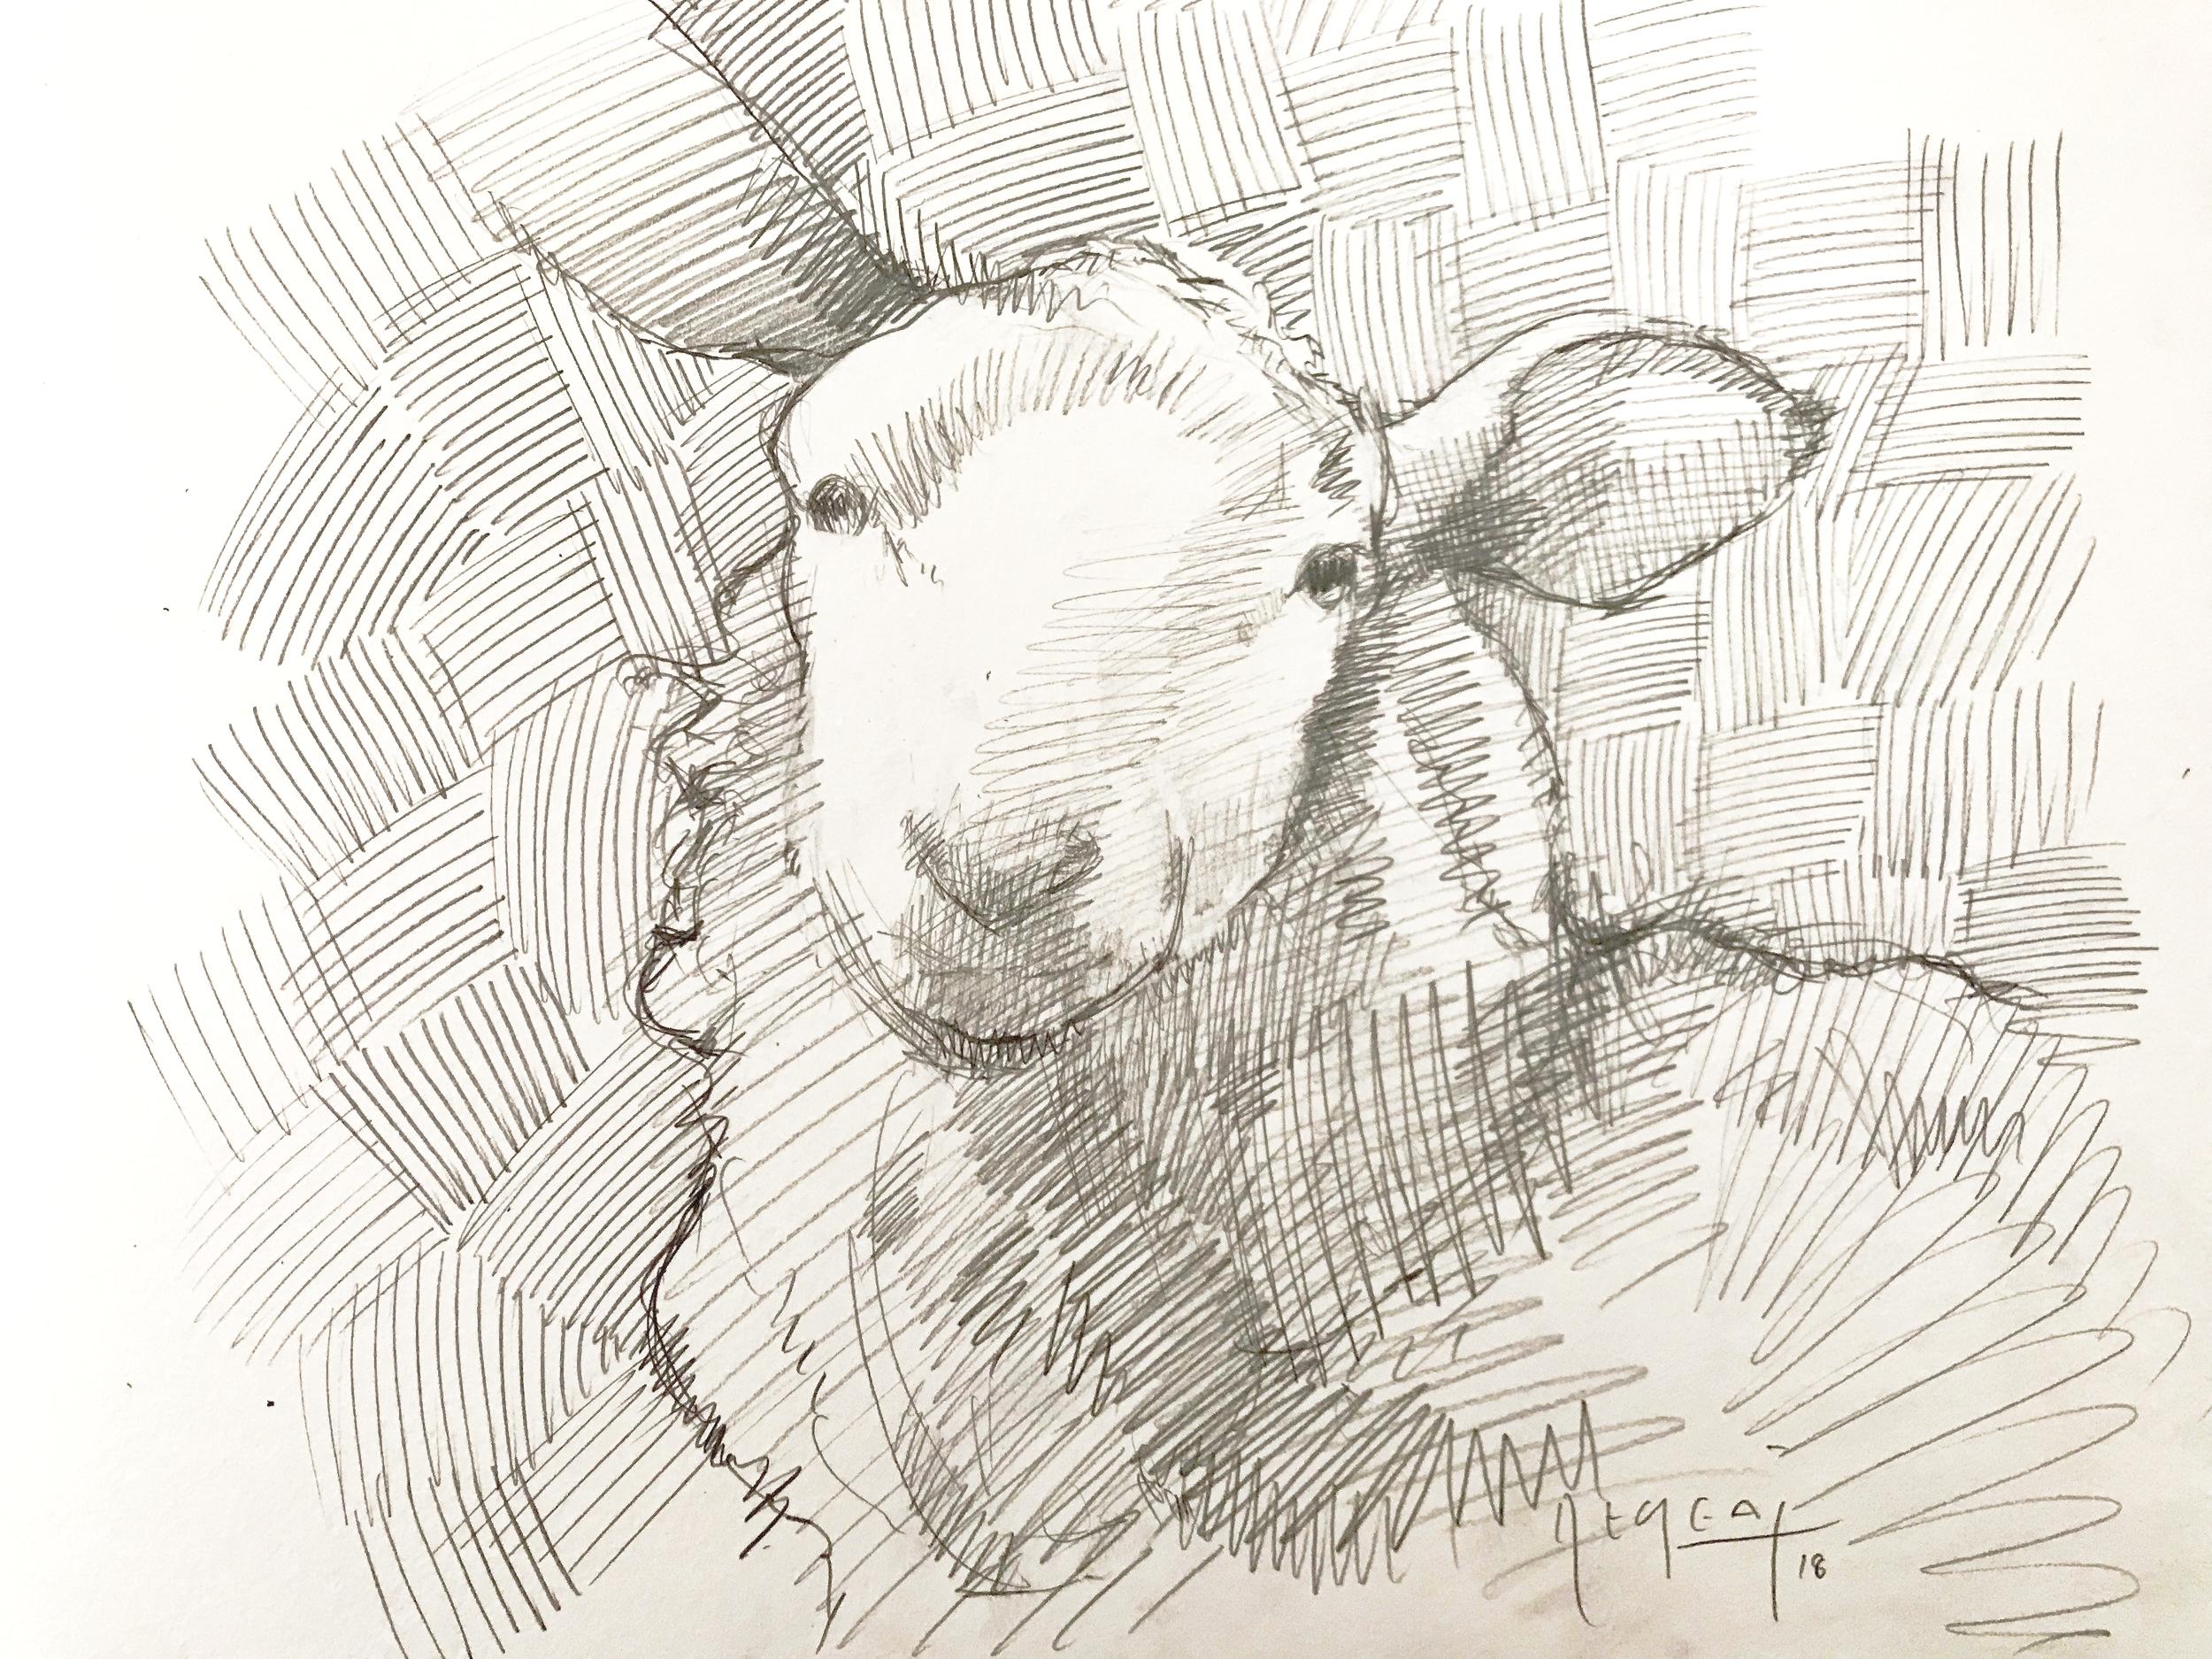 Tim Jaeger, Sheep Sketch, 2018